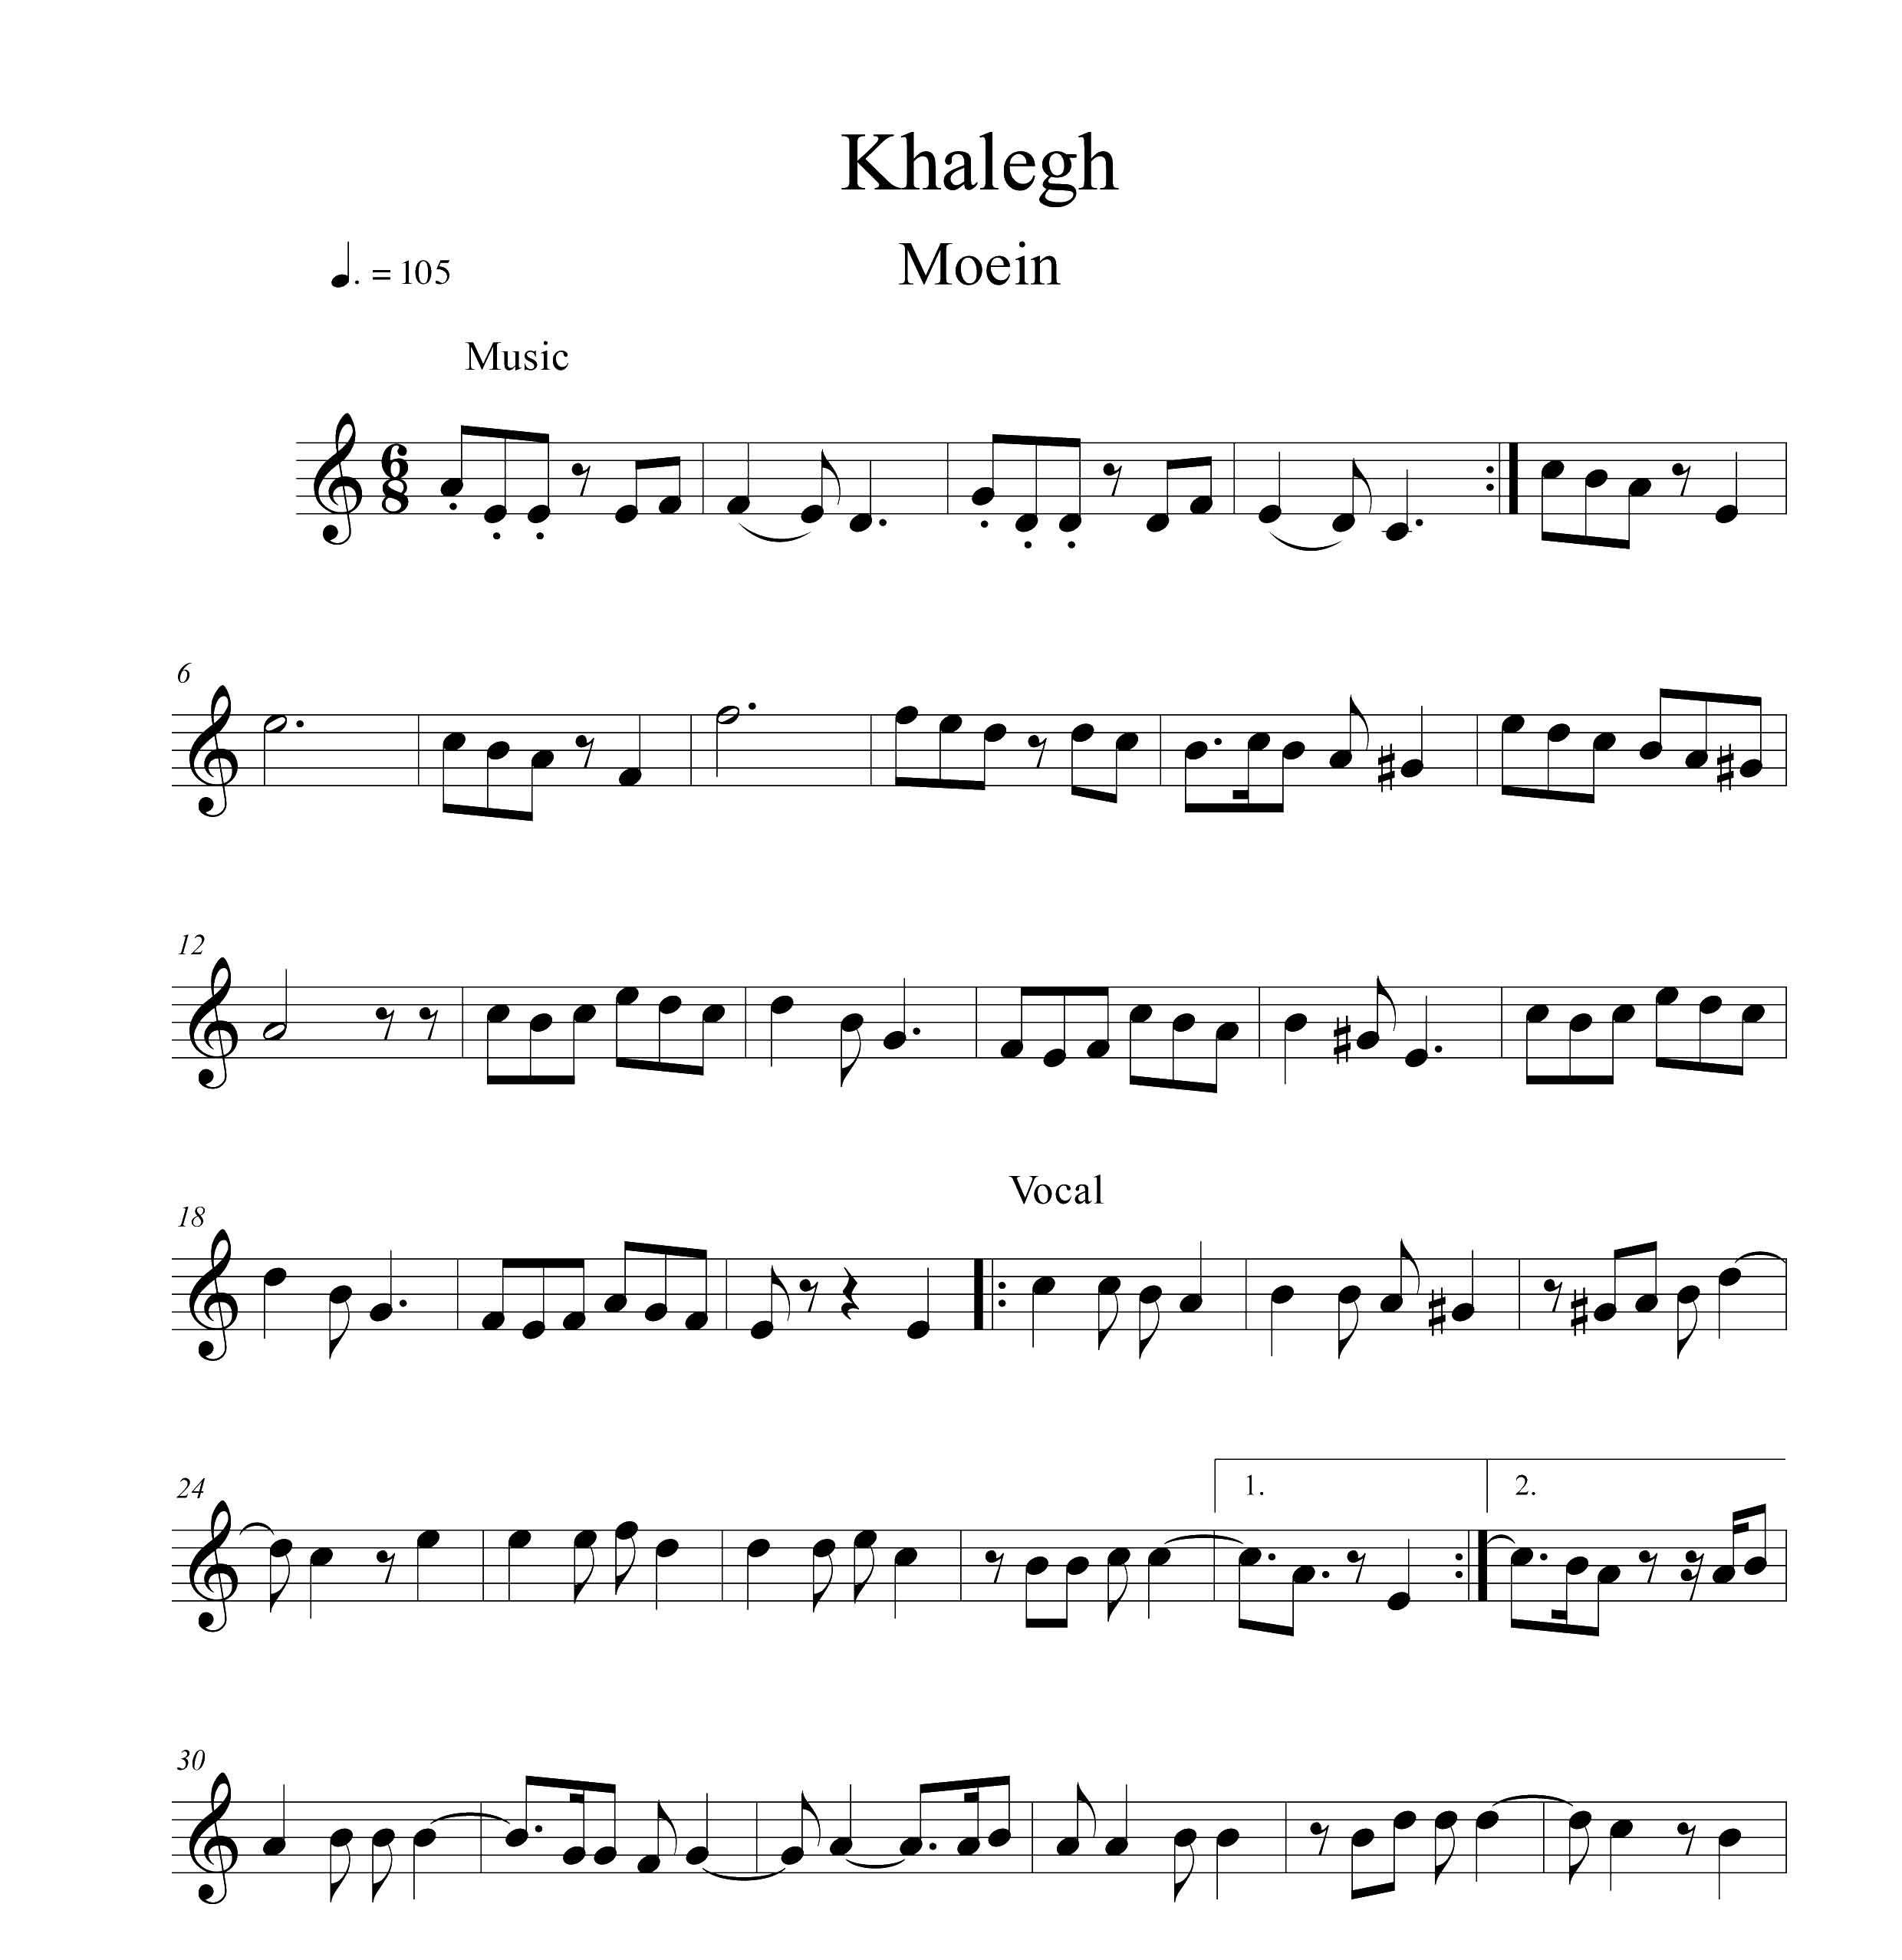 نت ویولن آهنگ خالق از معین با تنظیم سینا حسن پور